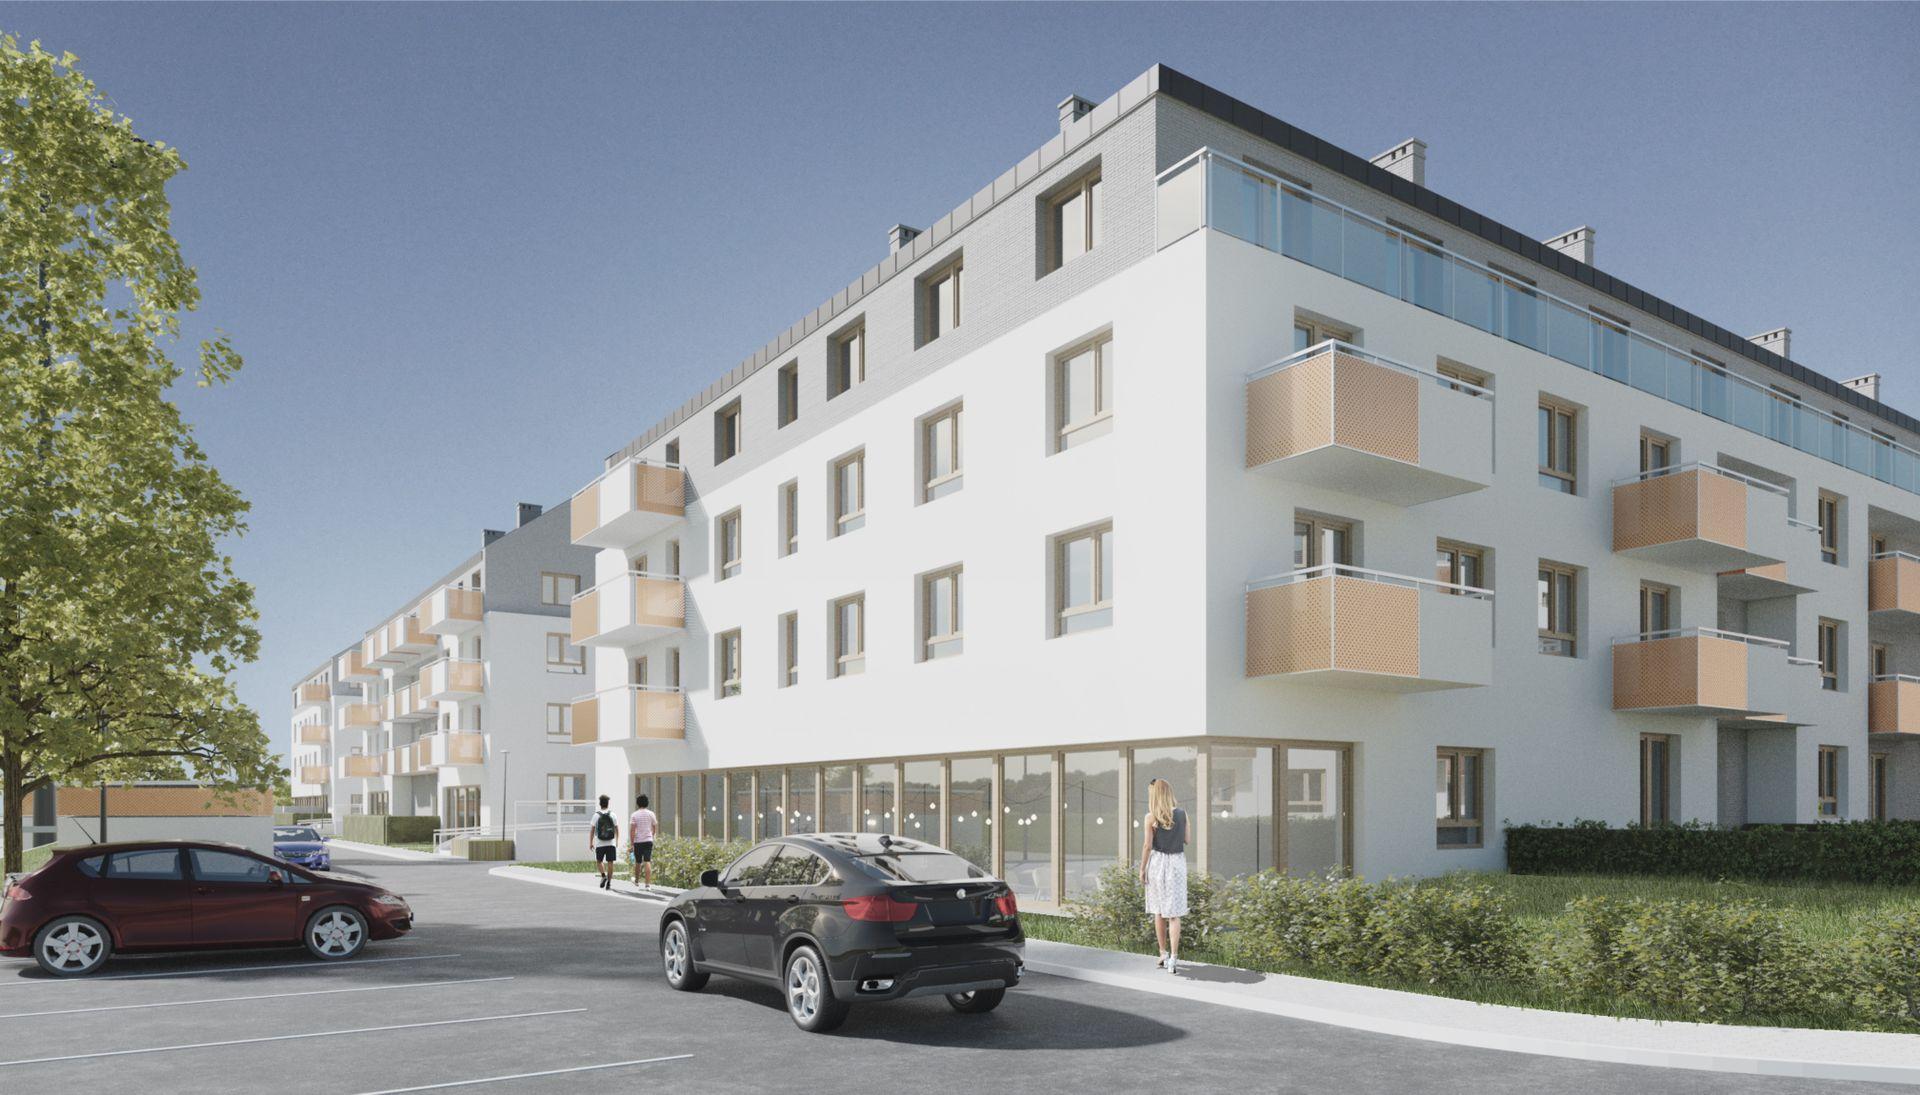 Wrocław: Zatorska – PHN zbuduje blisko 400 mieszkań na Zakrzowie [WIZUALIZACJA]